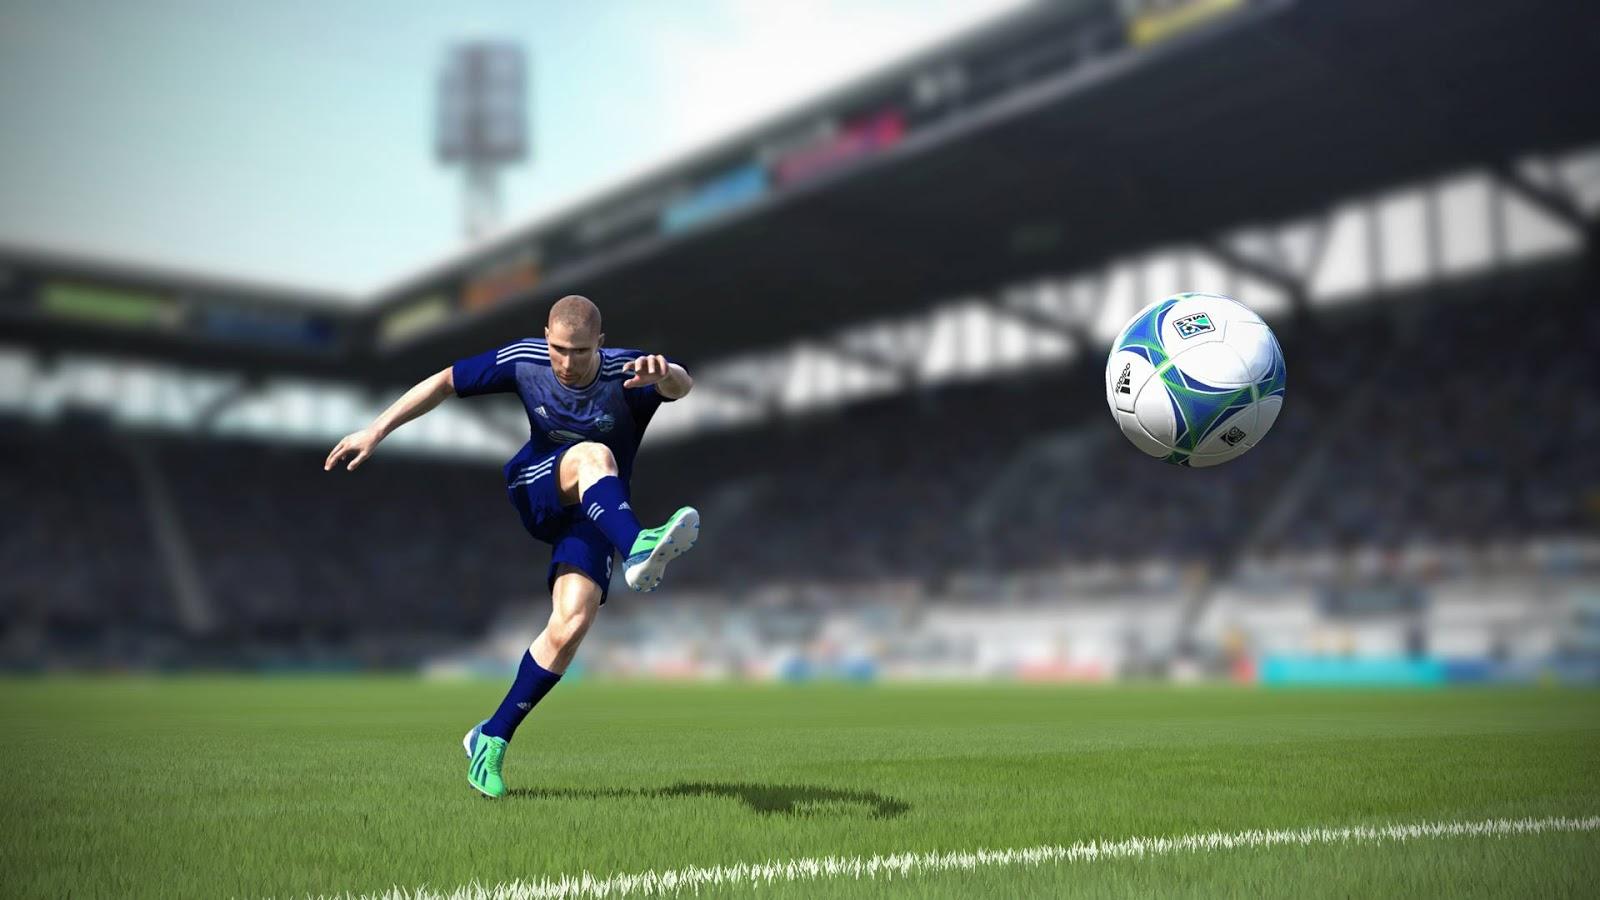 Fifa soccer 14 скачать торрент - 09